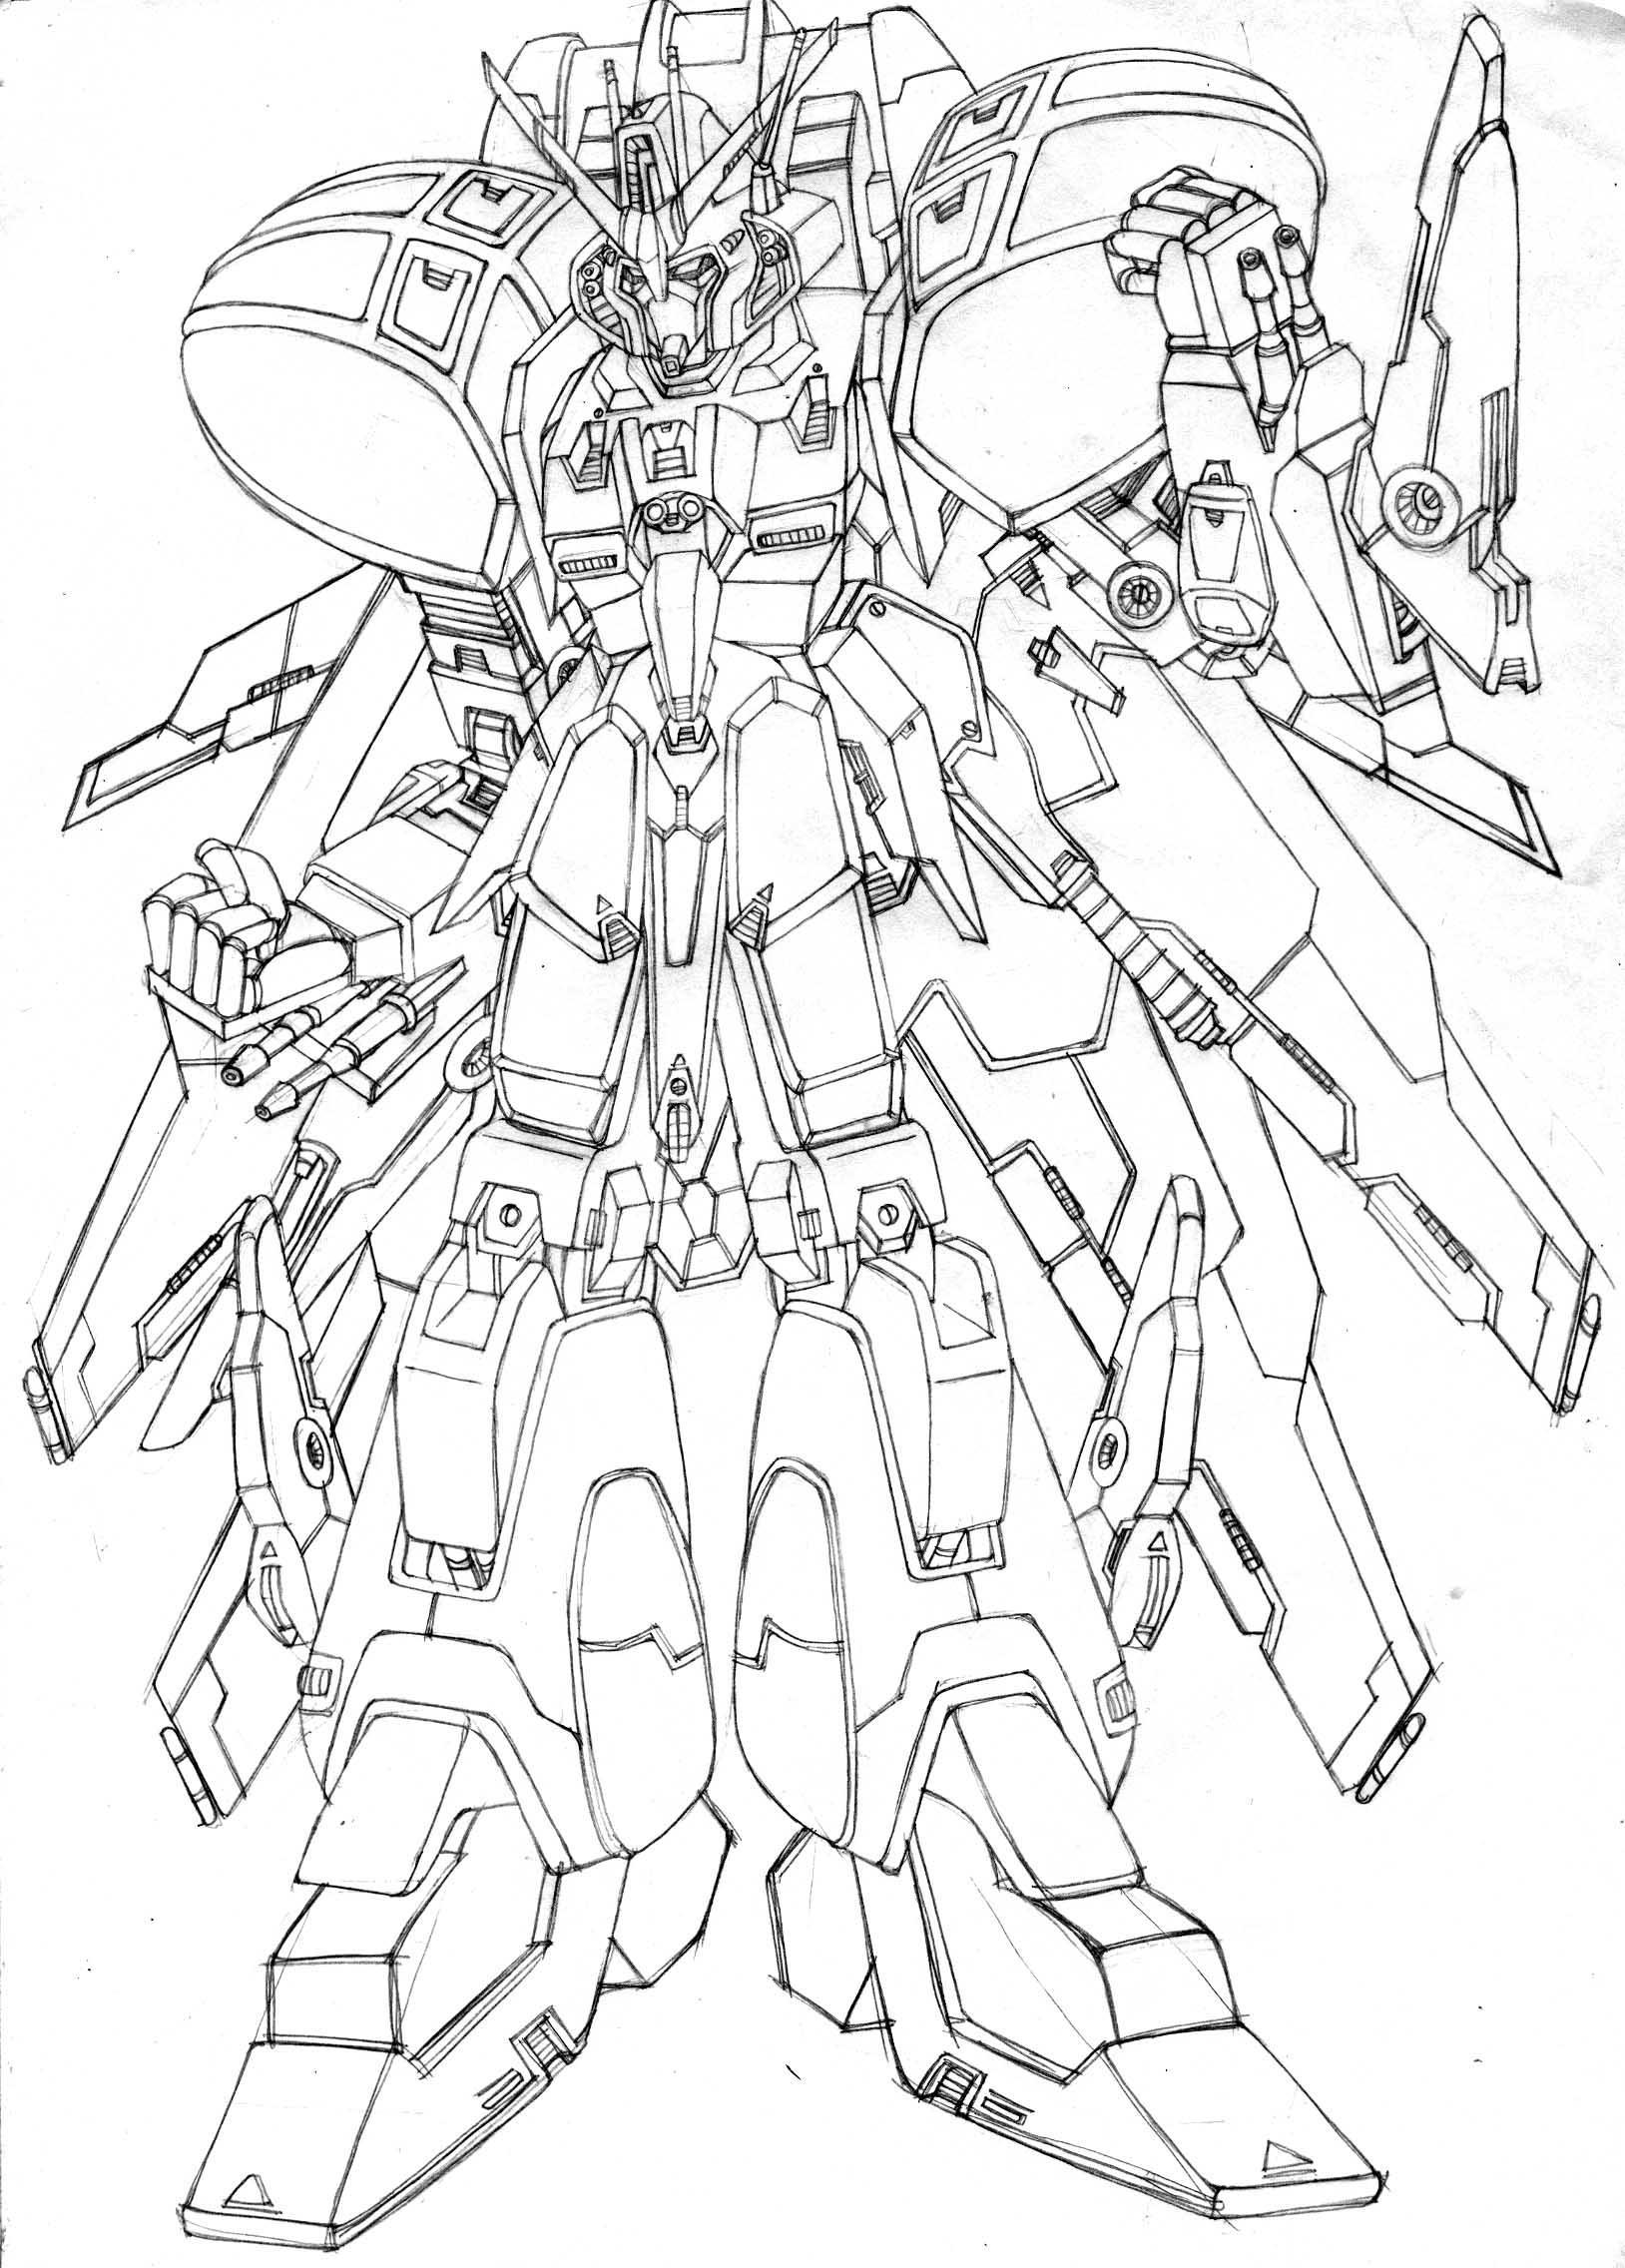 GUNDAM---??? by Clearmirror-StillH2O